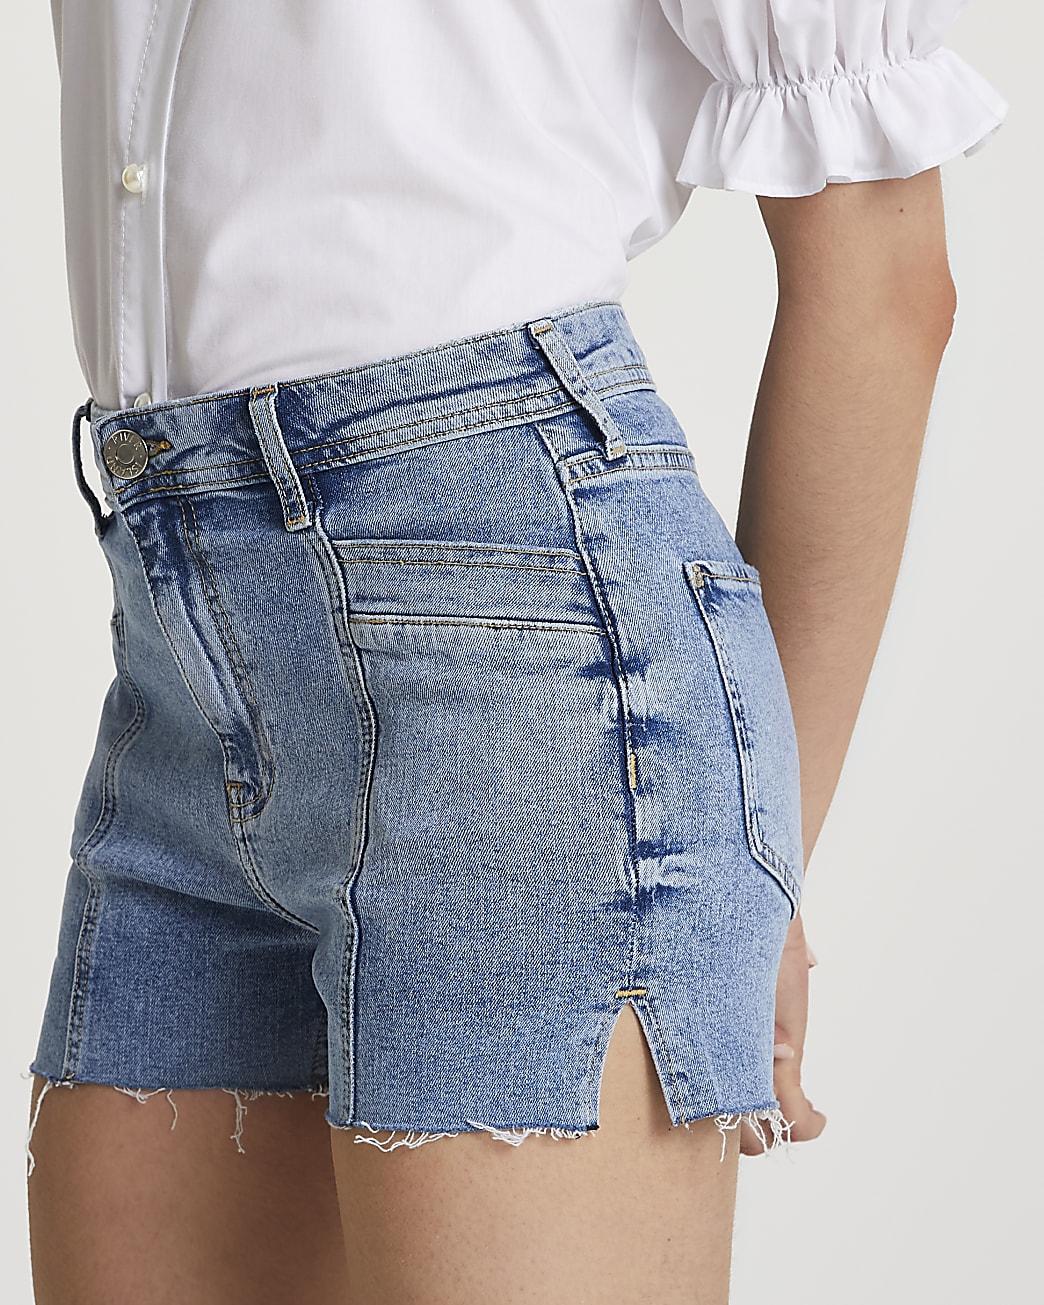 Denim mid rise hotpant shorts